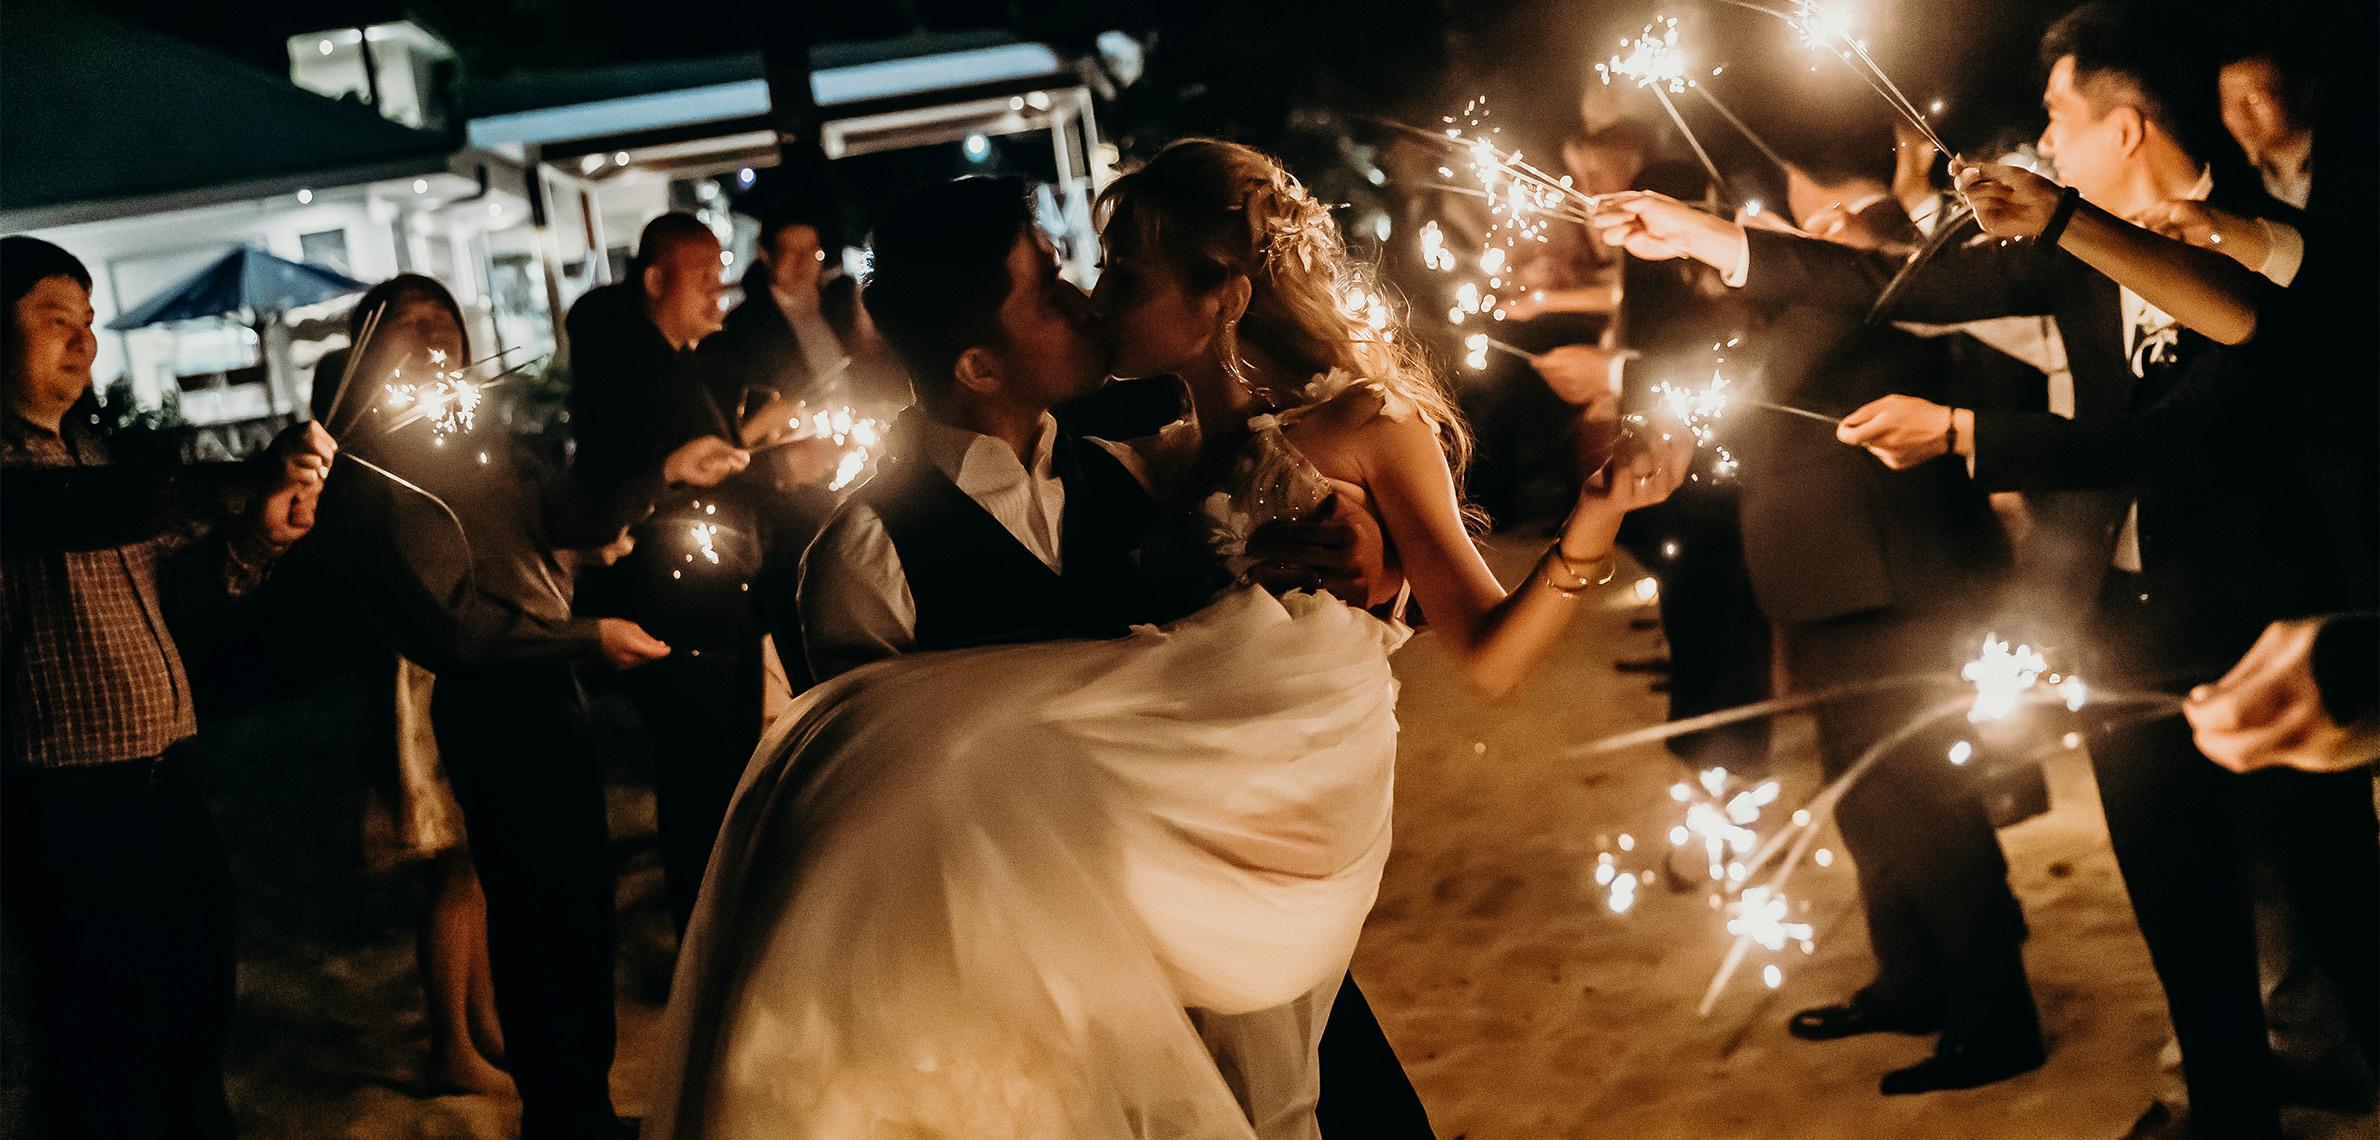 悉尼婚禮跟拍,悉尼婚禮攝影攝像,悉尼婚礼摄影摄像,悉尼婚纱旅拍,悉尼婚纱店